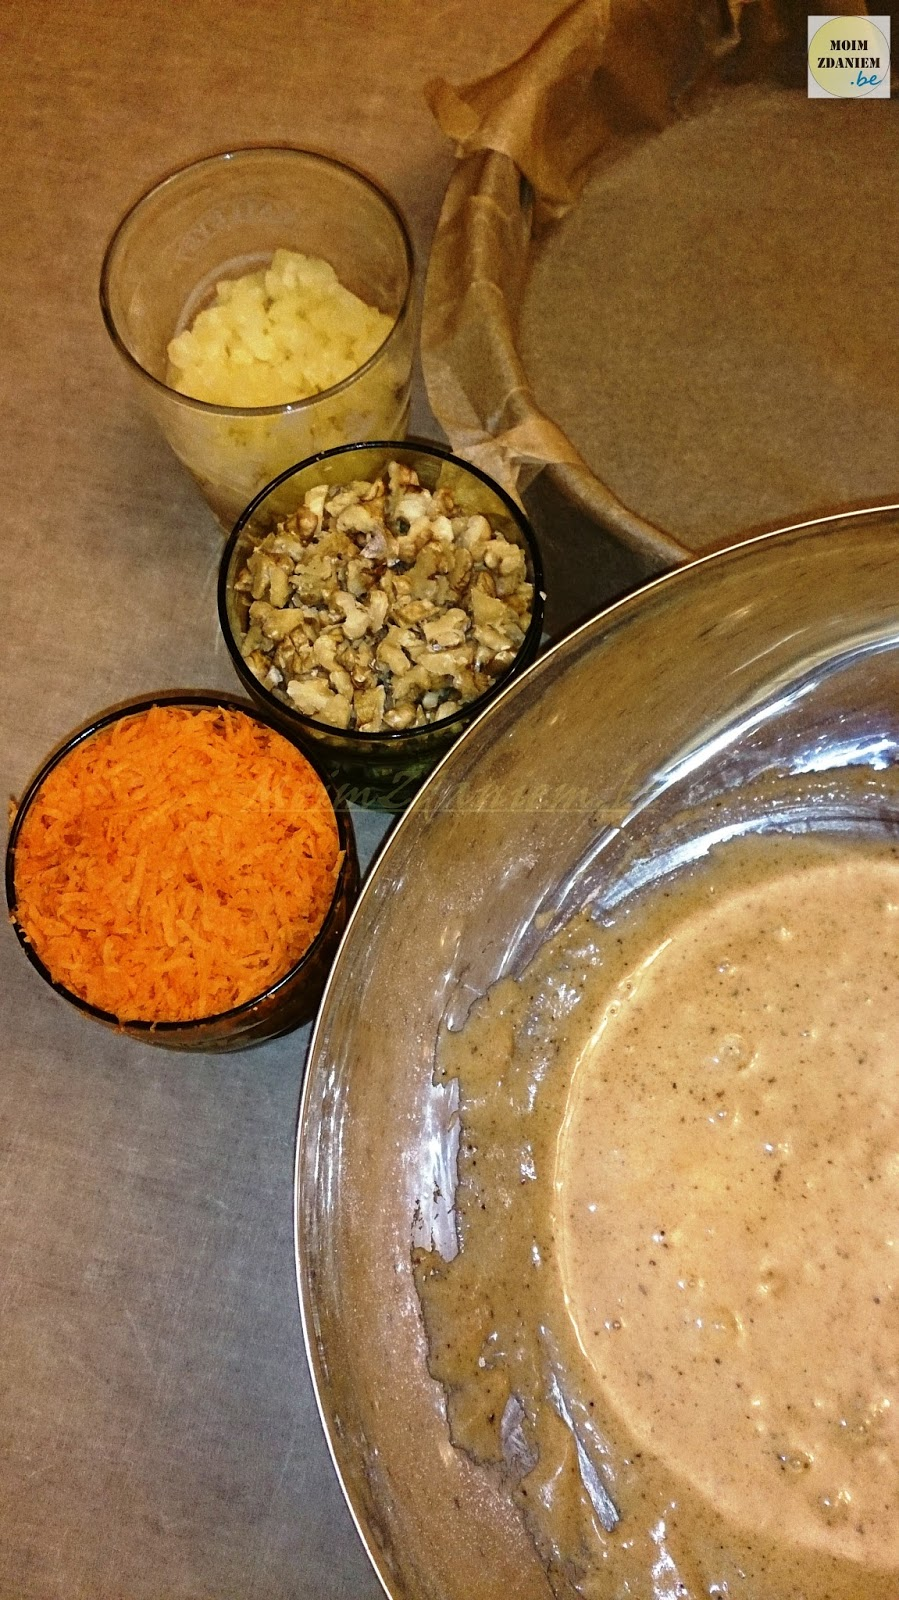 ciasto marchewkowe przygotowanie